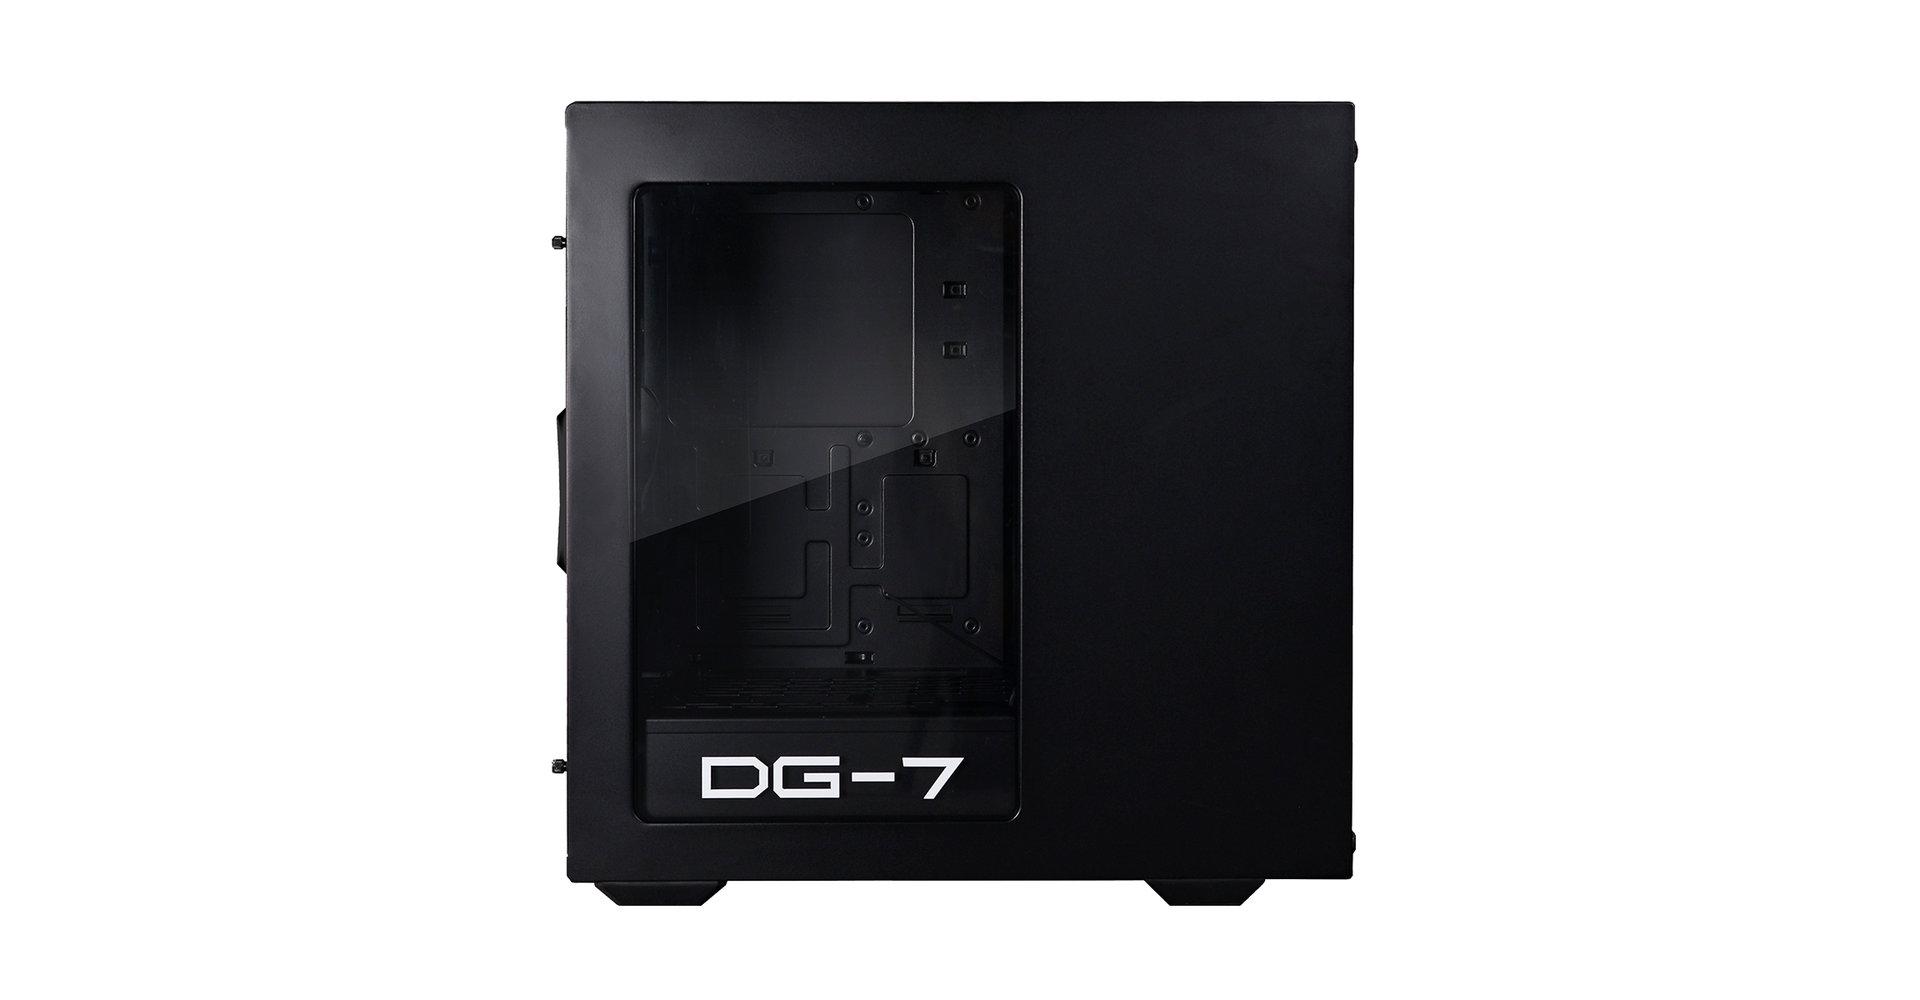 EVGA DG-73